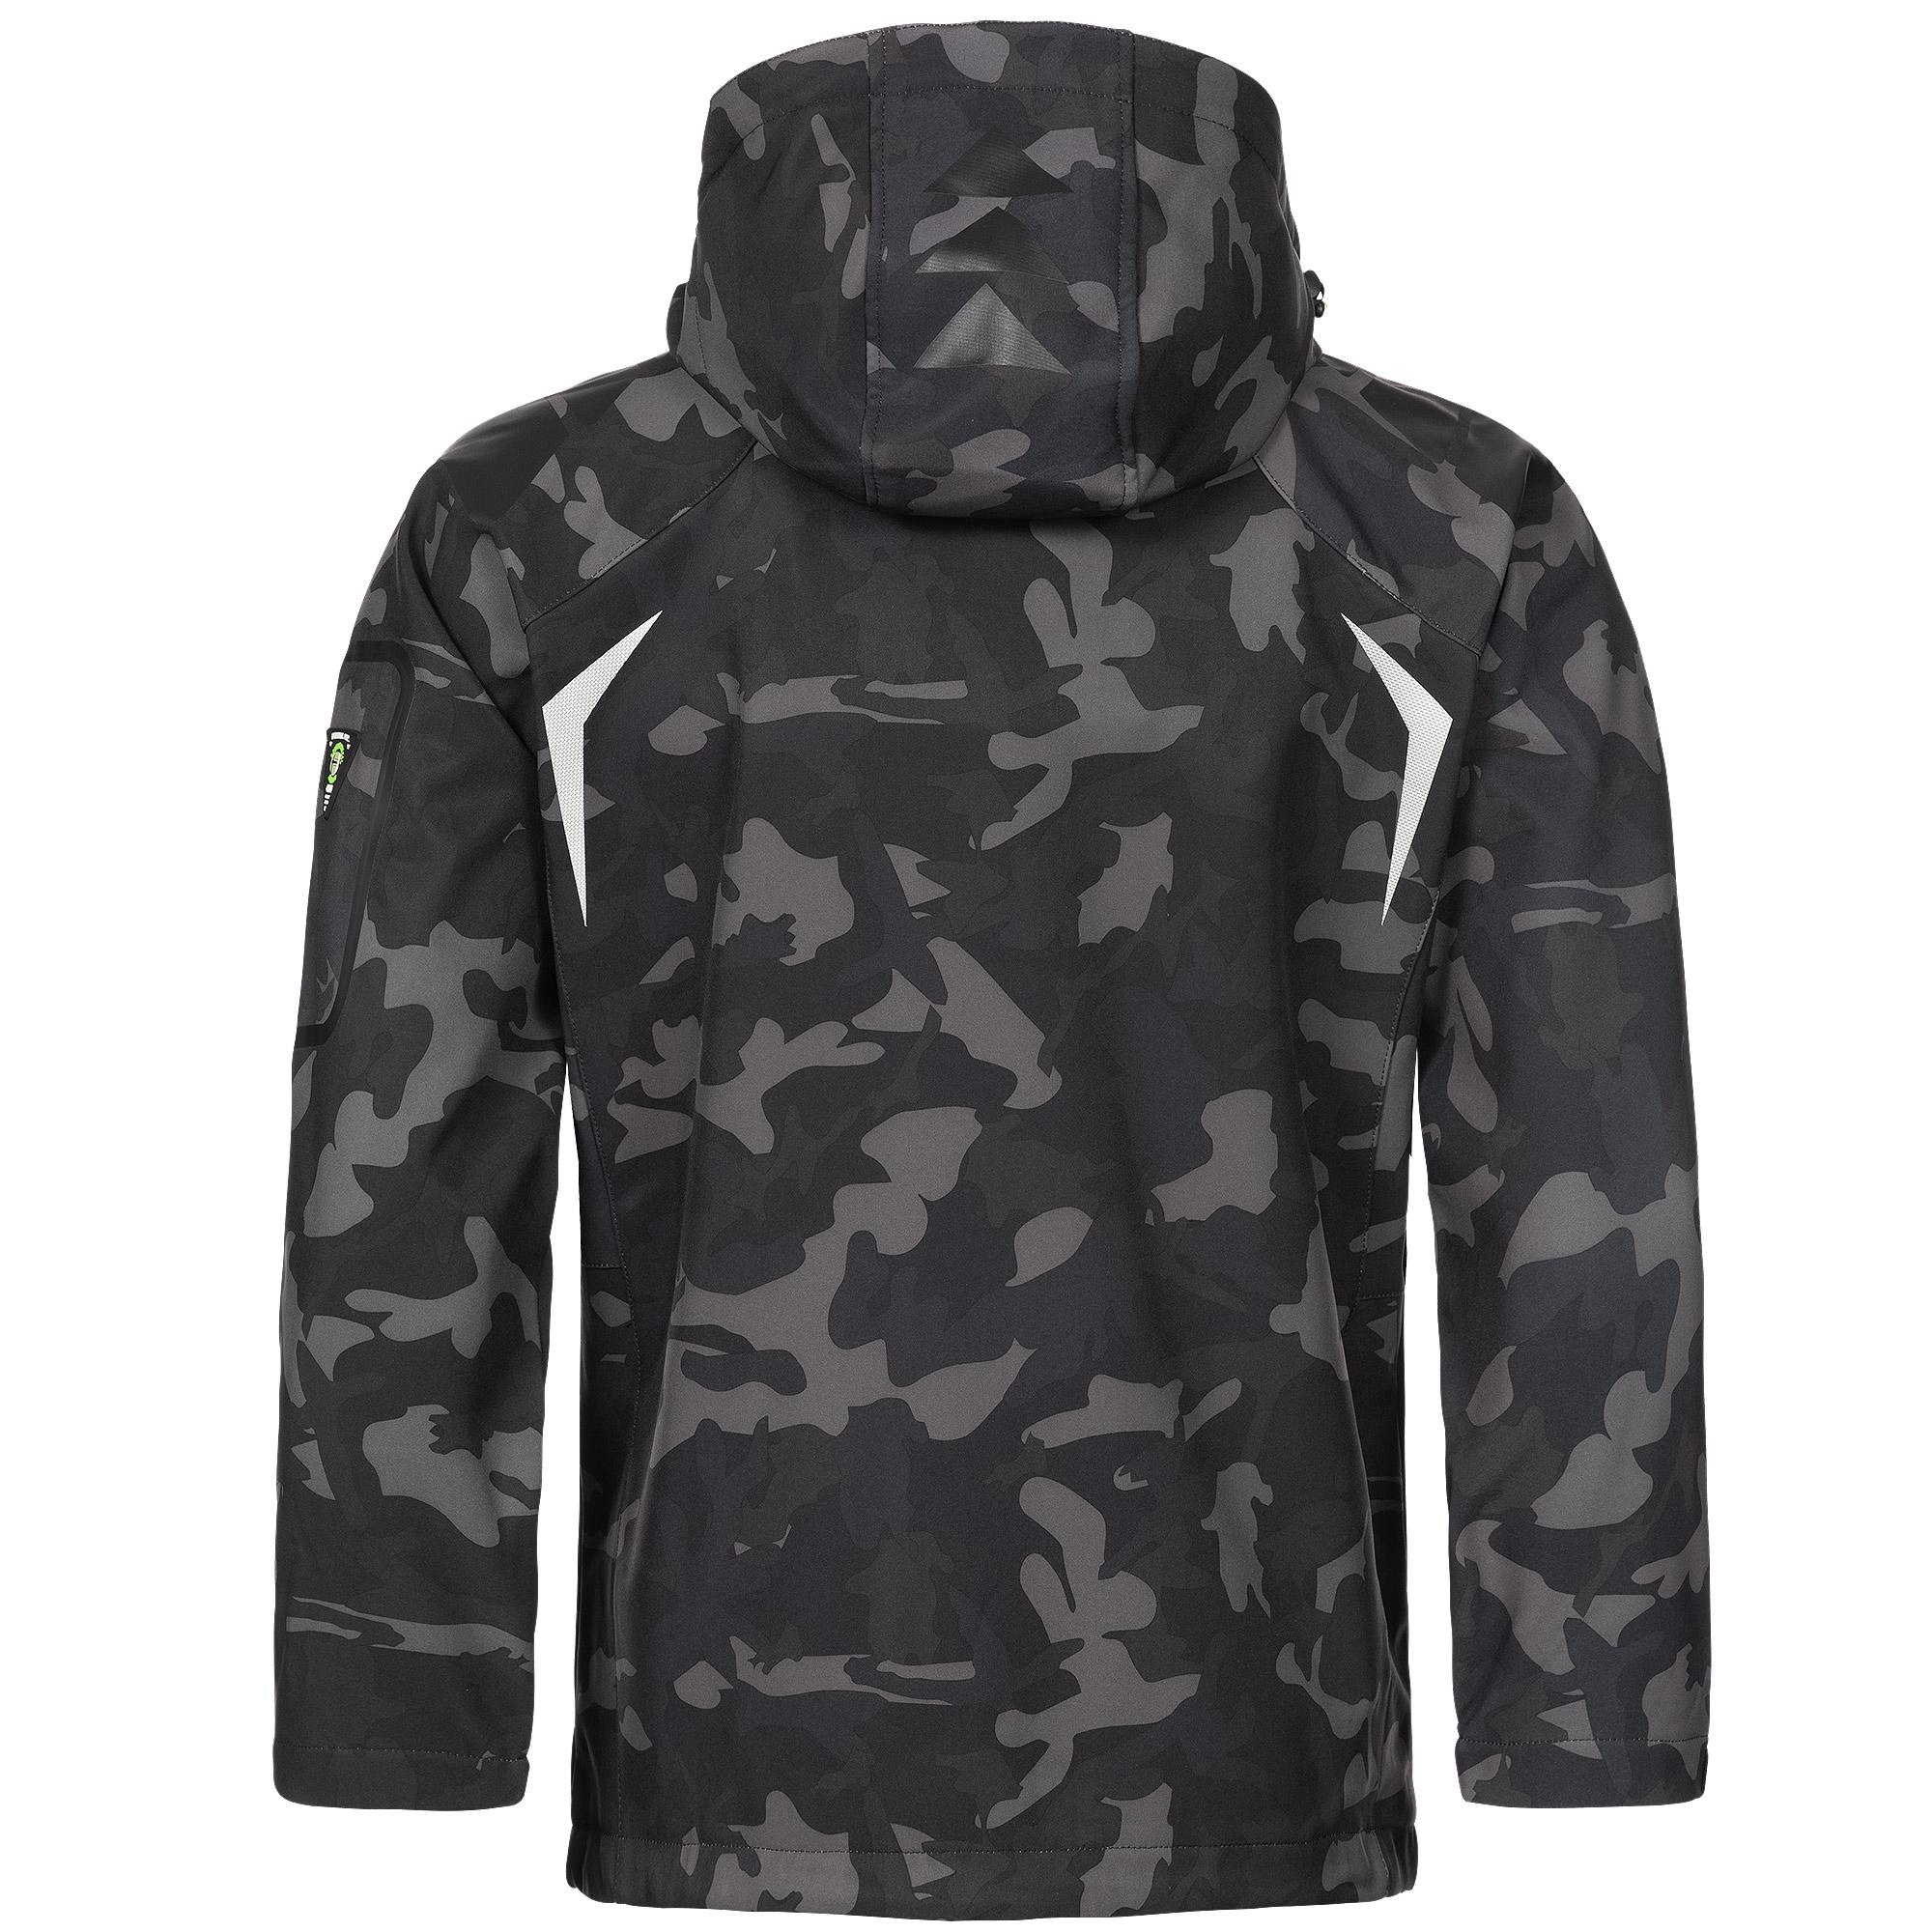 Geographical-Norway-Camouflage-Herren-Softshell-Funktions-Outdoor-Regen-Jacke Indexbild 4